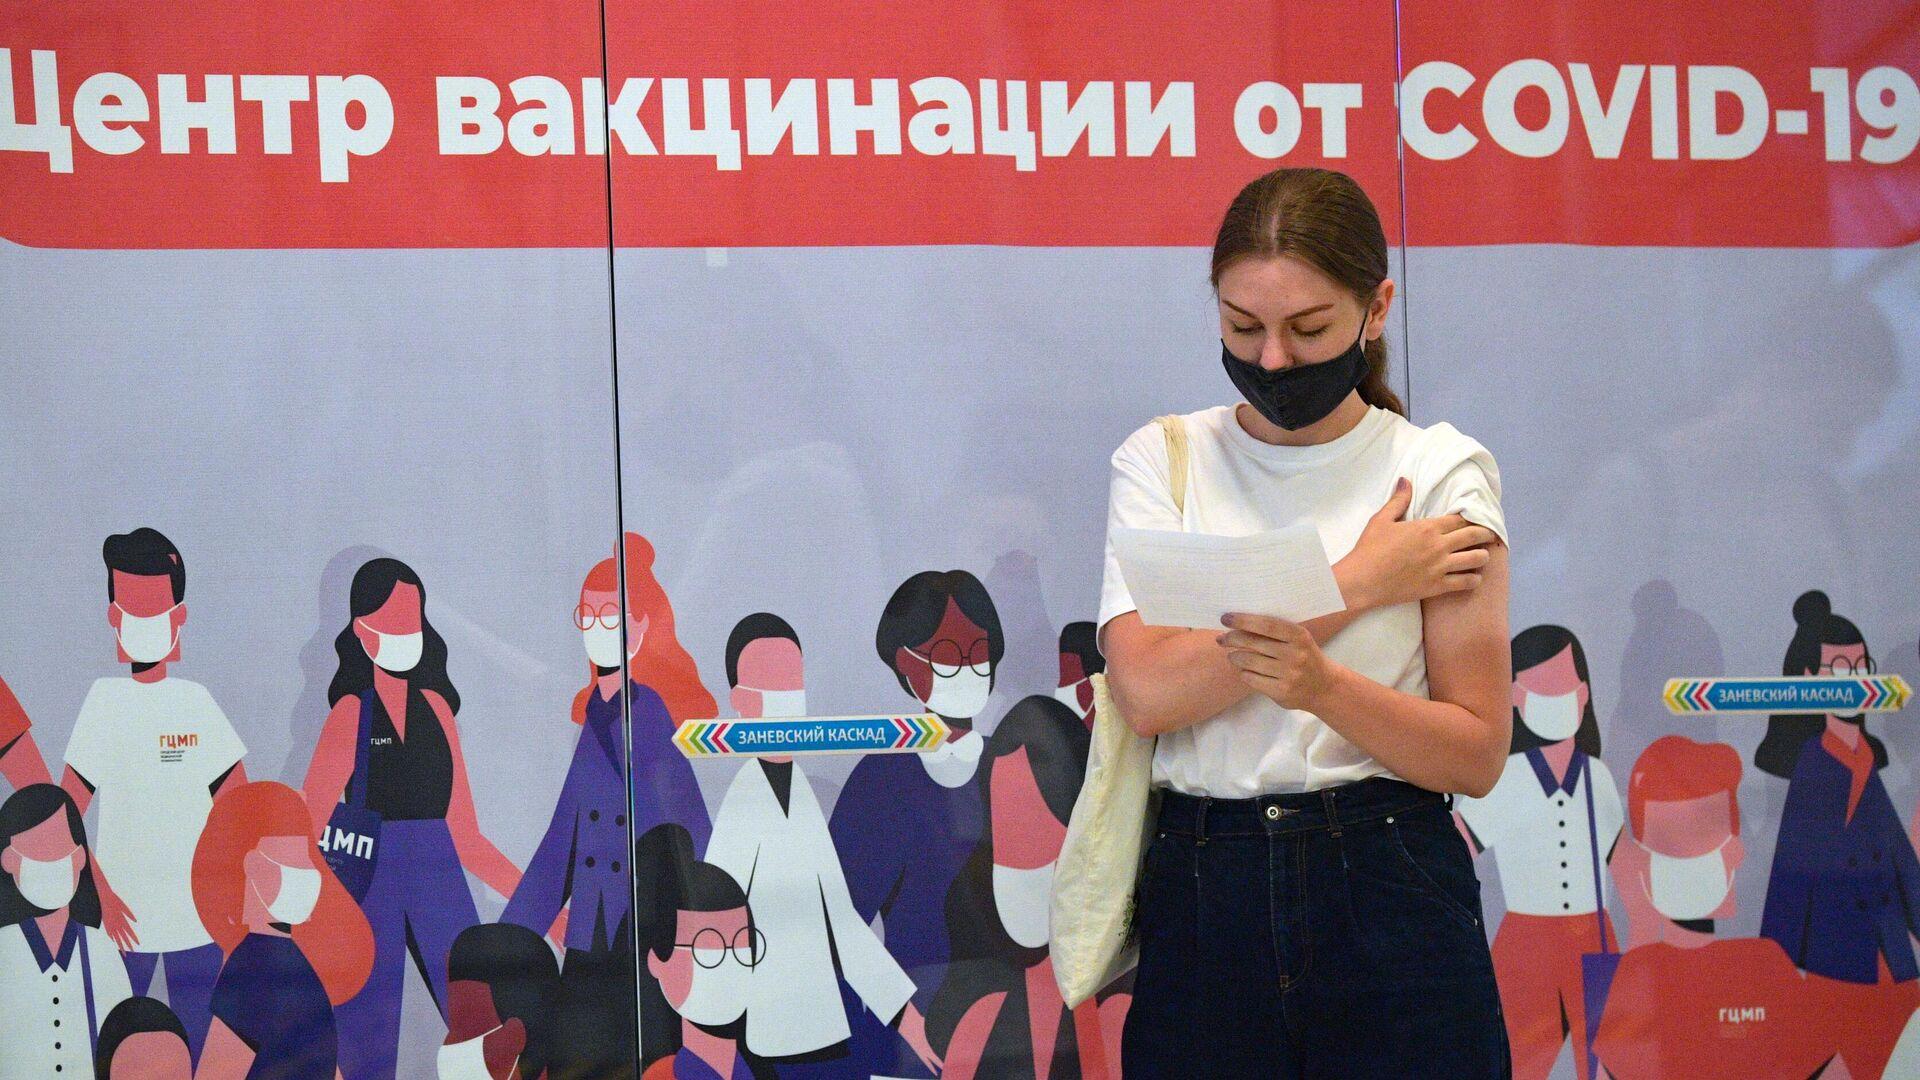 Девушка в пункте вакцинации от коронавируса в ТК Заневский каскад в Санкт-Петербурге - РИА Новости, 1920, 19.07.2021